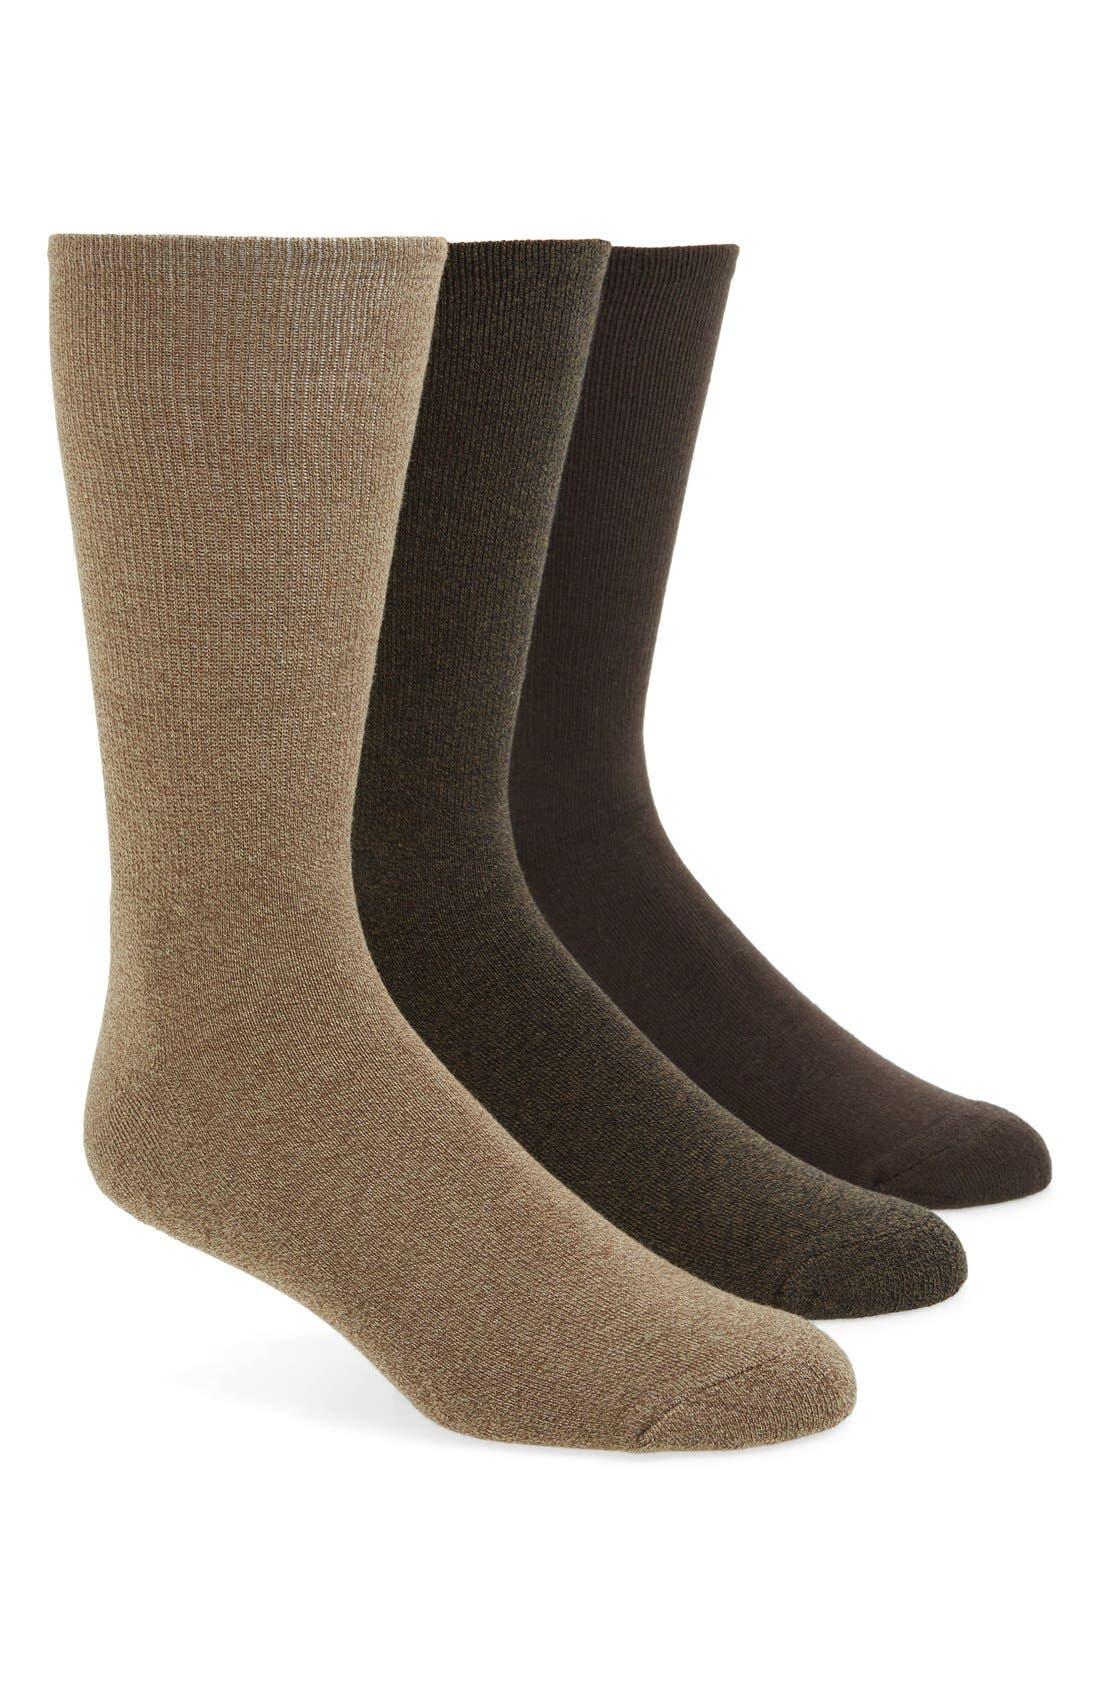 3-Pack Cotton Blend Socks,                         Main,                         color, Beige